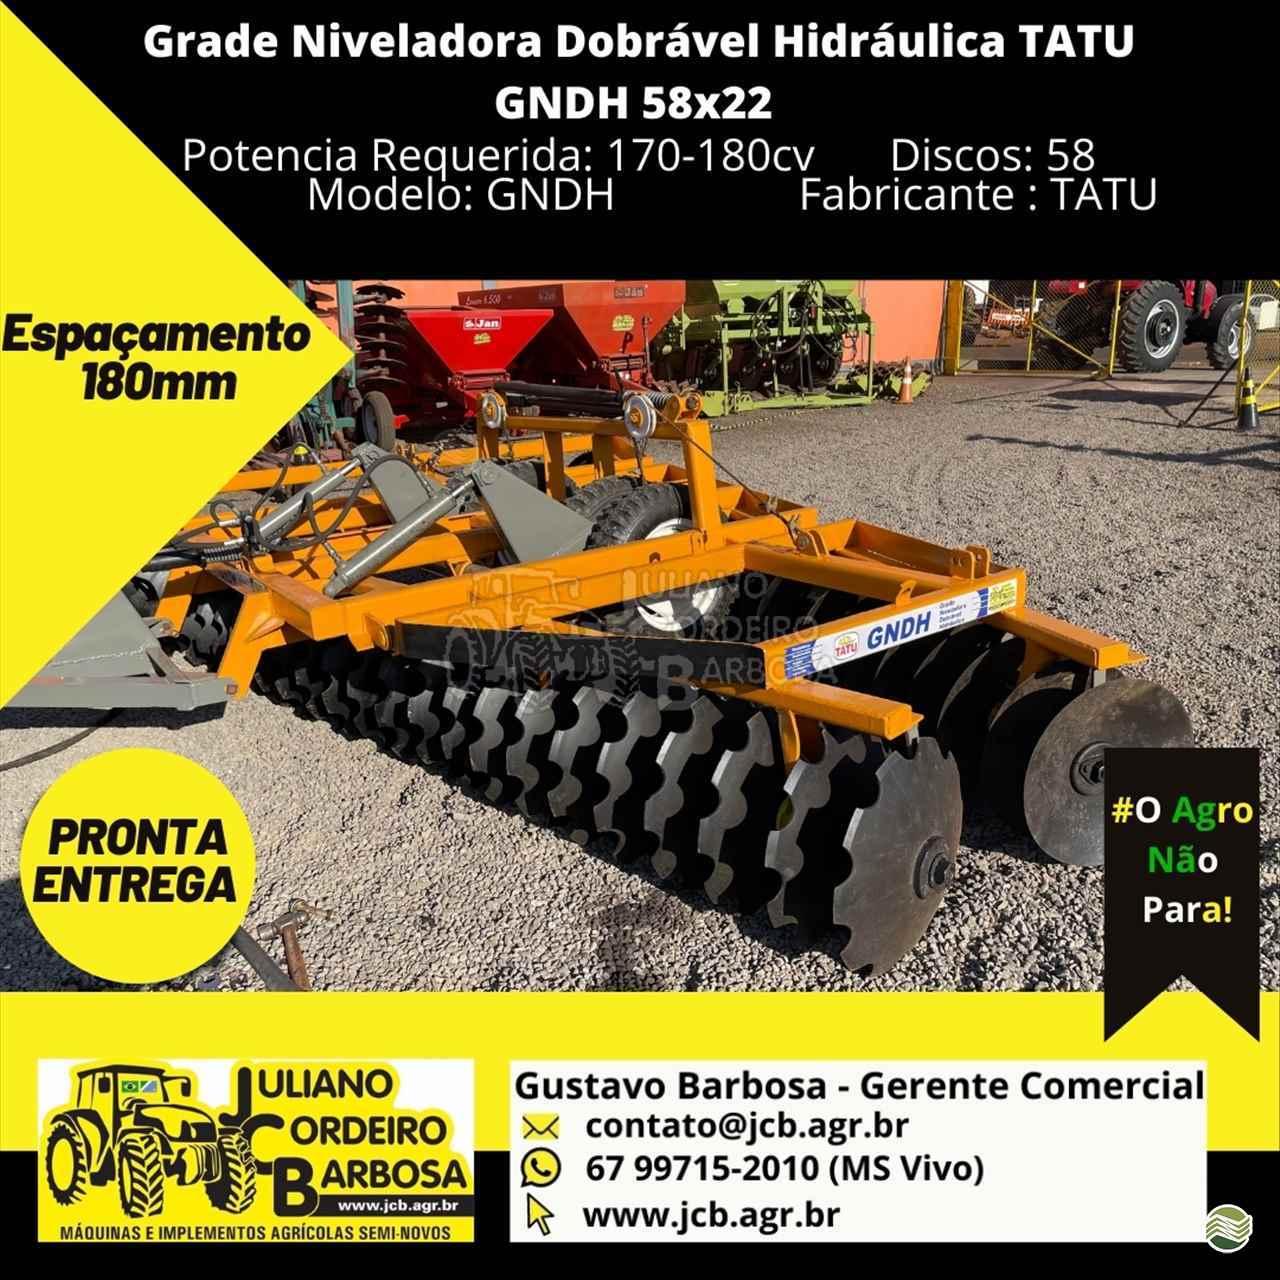 IMPLEMENTOS AGRICOLAS GRADE NIVELADORA NIVELADORA 56 DISCOS JCB Máquinas e Implementos Agrícolas MARACAJU MATO GROSSO DO SUL MS